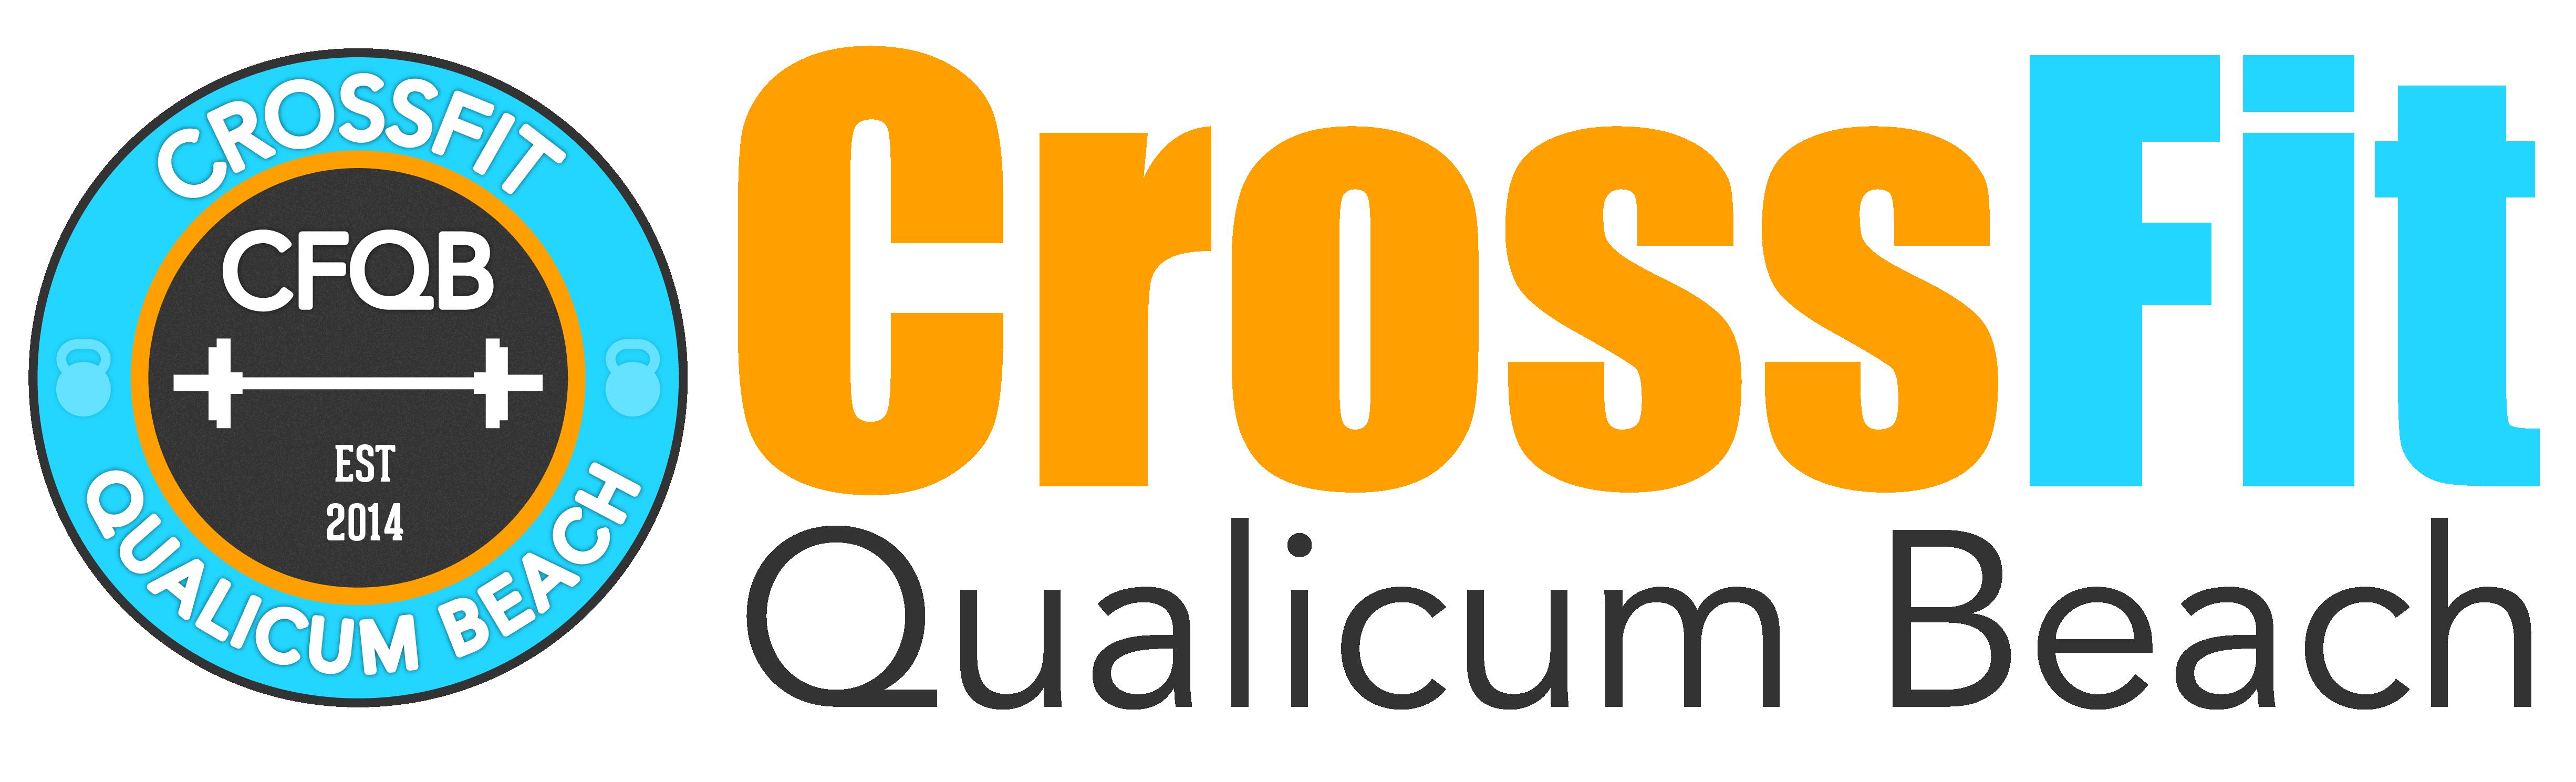 CrossFit Qualicum Beach